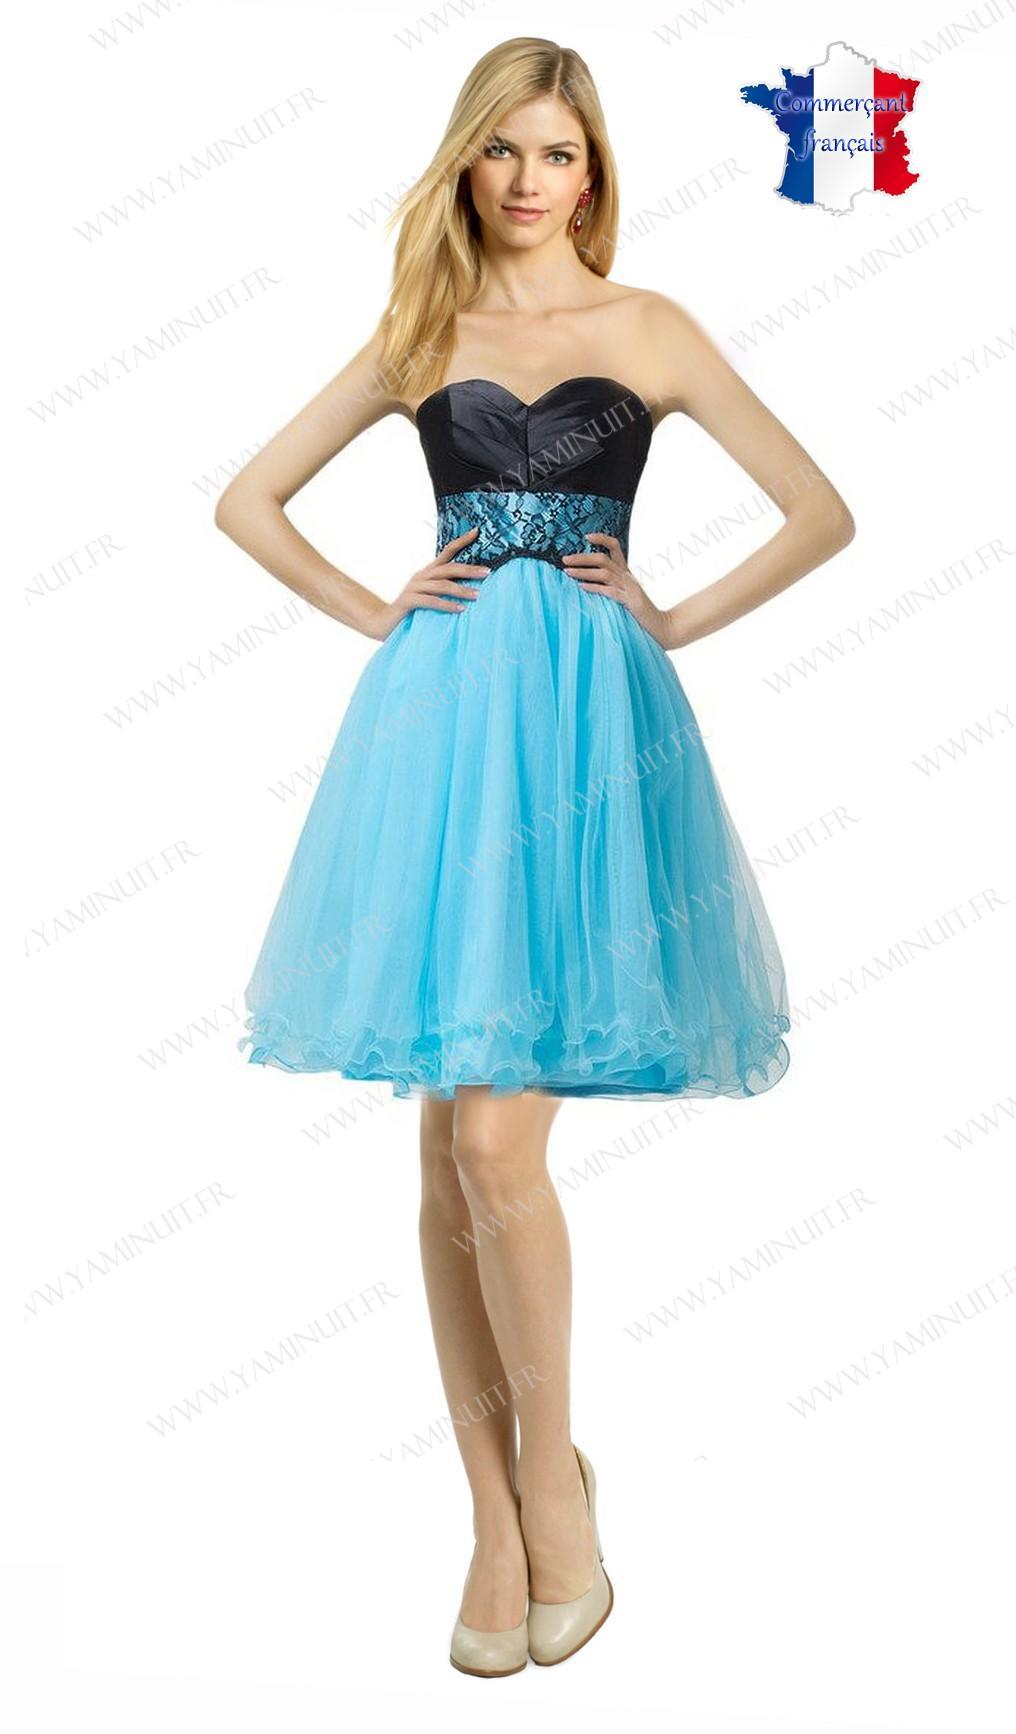 Robe bleu turquoise et noir